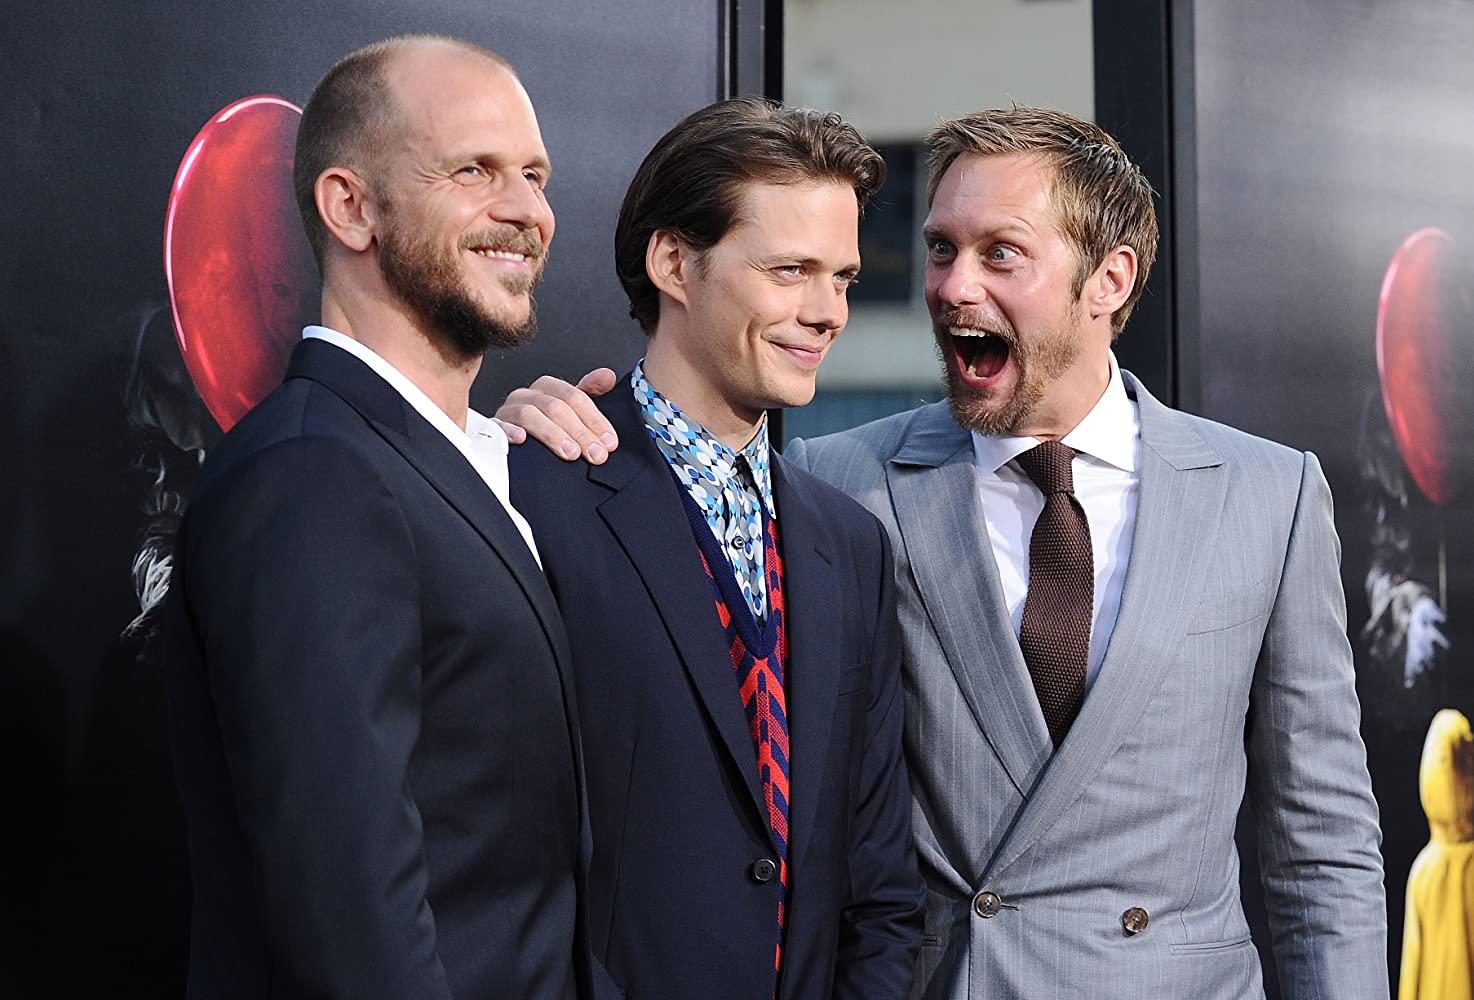 Alexander Skarsgård, Bill Skarsgård, and Gustaf Skarsgård